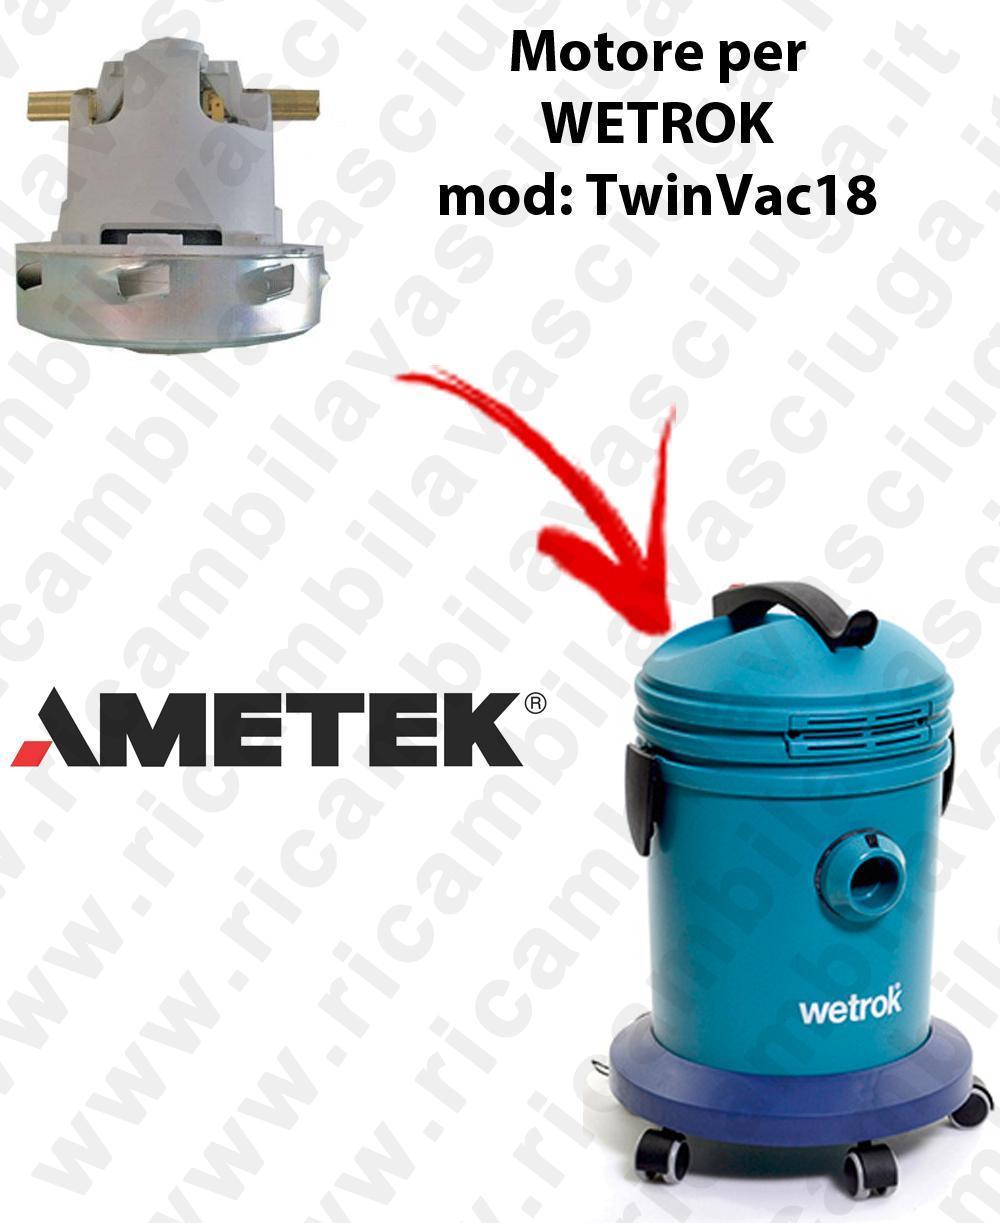 TWINVAC 18  MOTEUR ASPIRATION AMETEK pour aspirateur WETROK